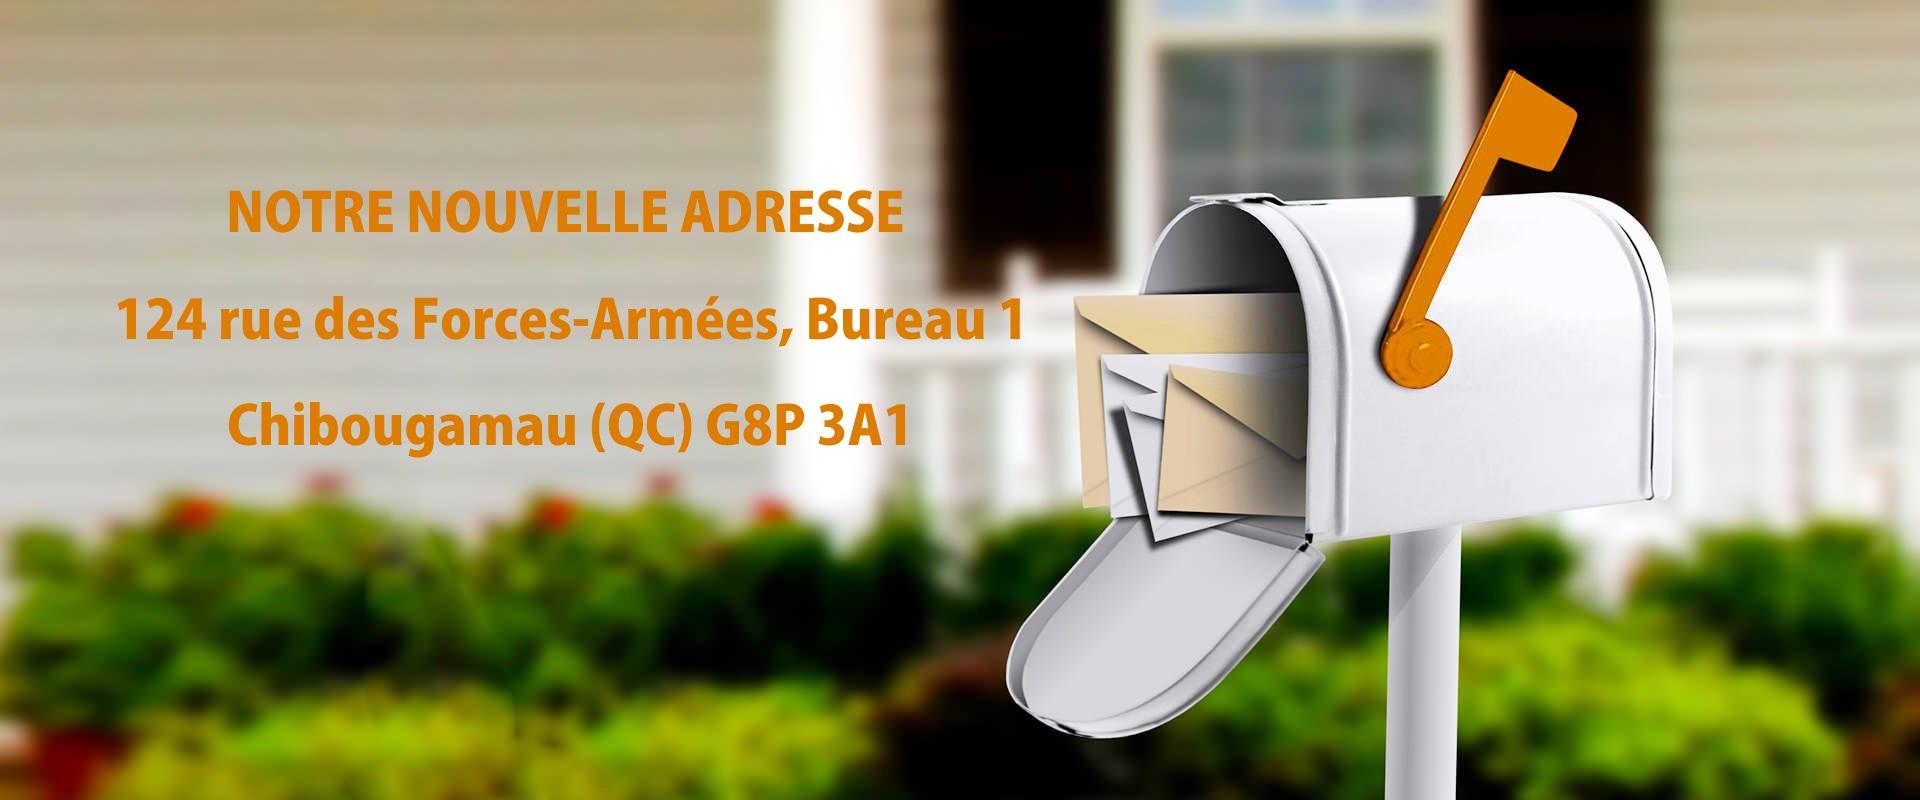 Notre-nouvelle-adresse-Groupe-neurones-NDQ-Juillet-2020